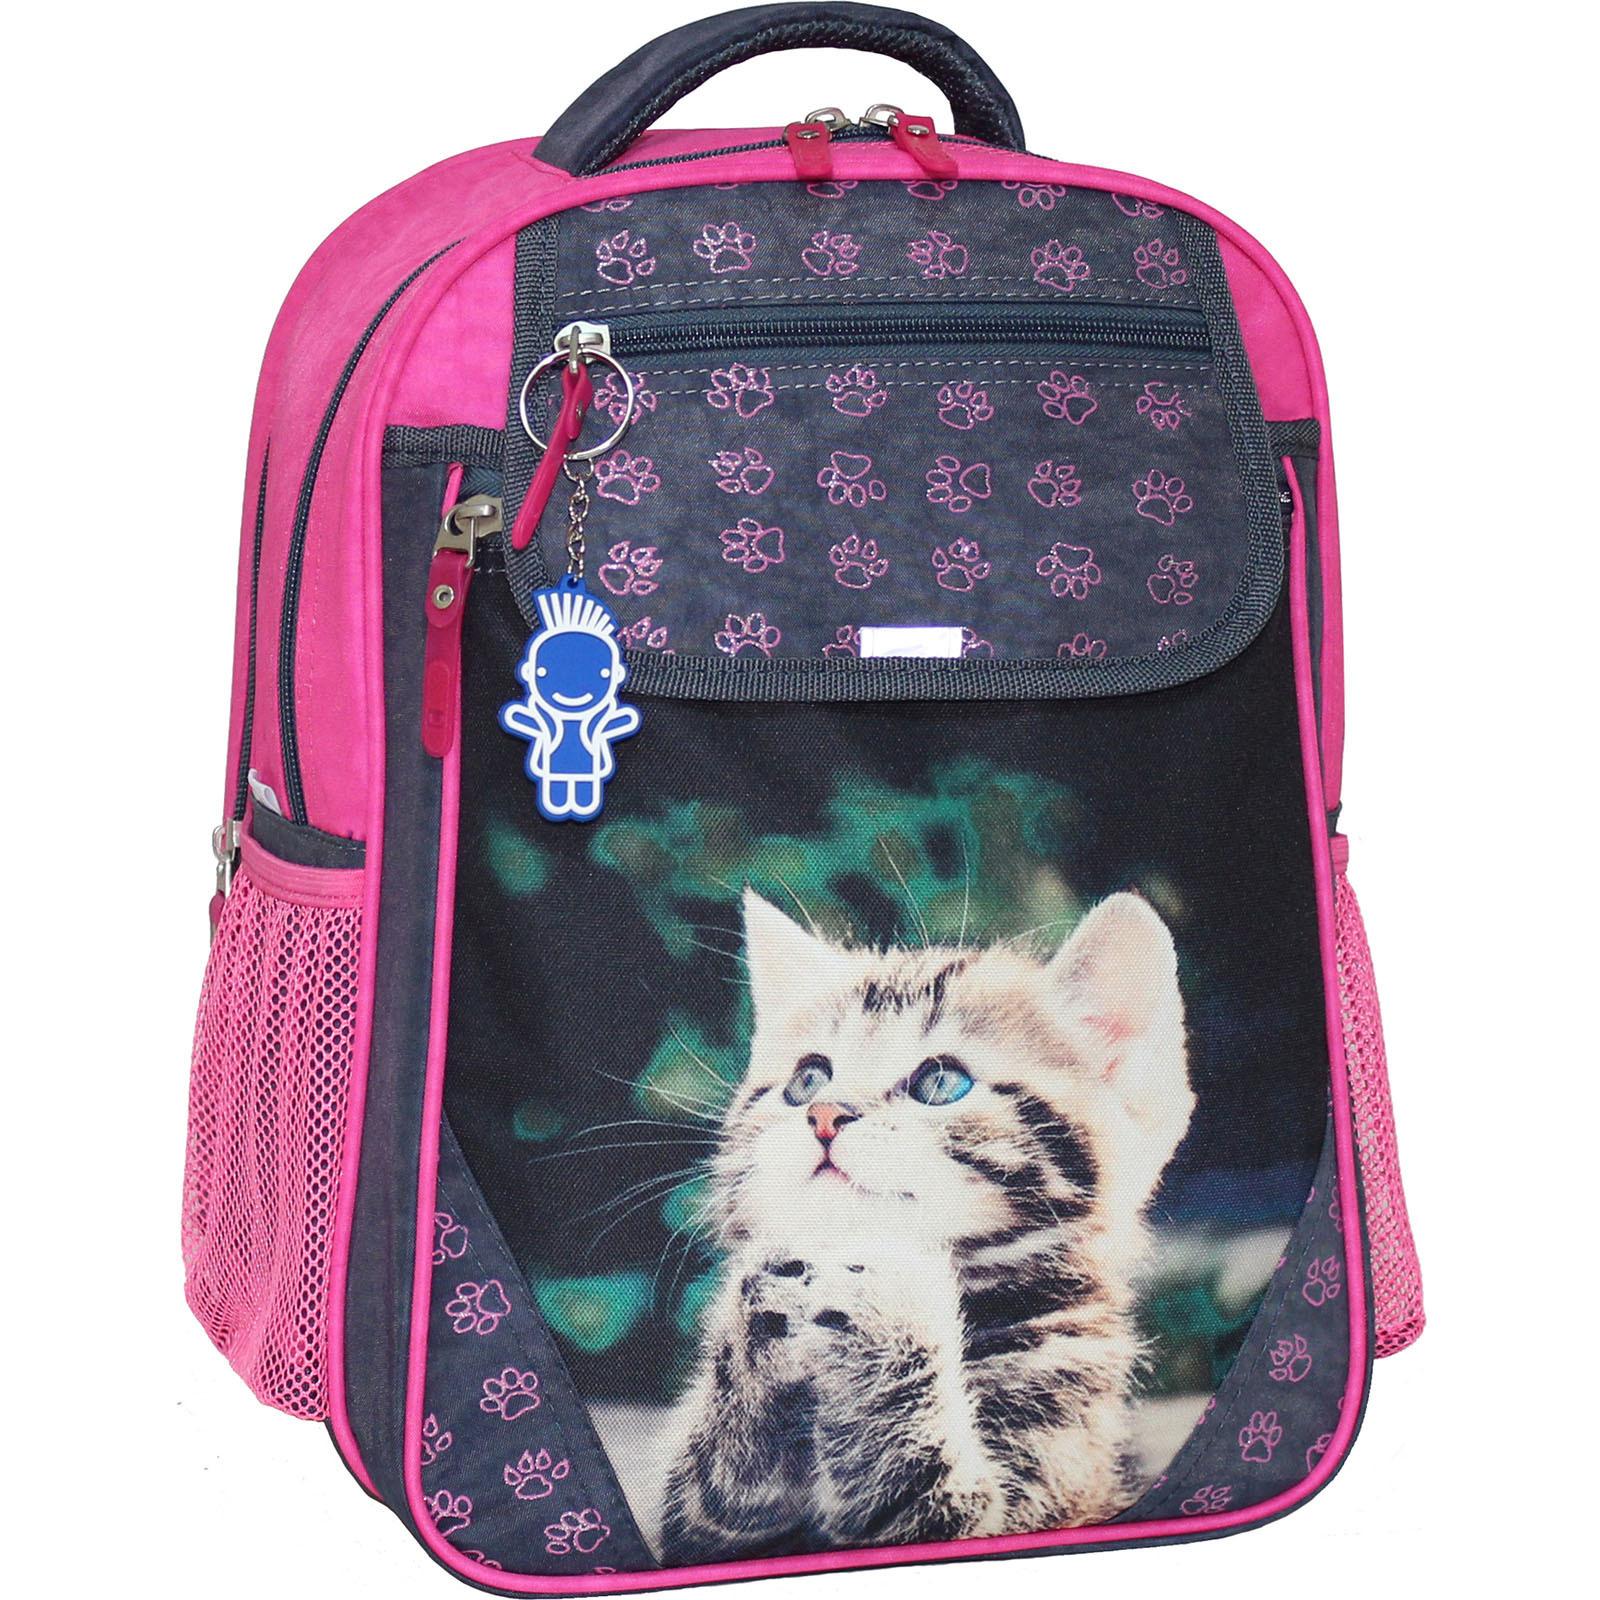 Школьные рюкзаки Рюкзак школьный Bagland Отличник 20 л. 321 сiрий 21 д (0058070) IMG_1672.JPG